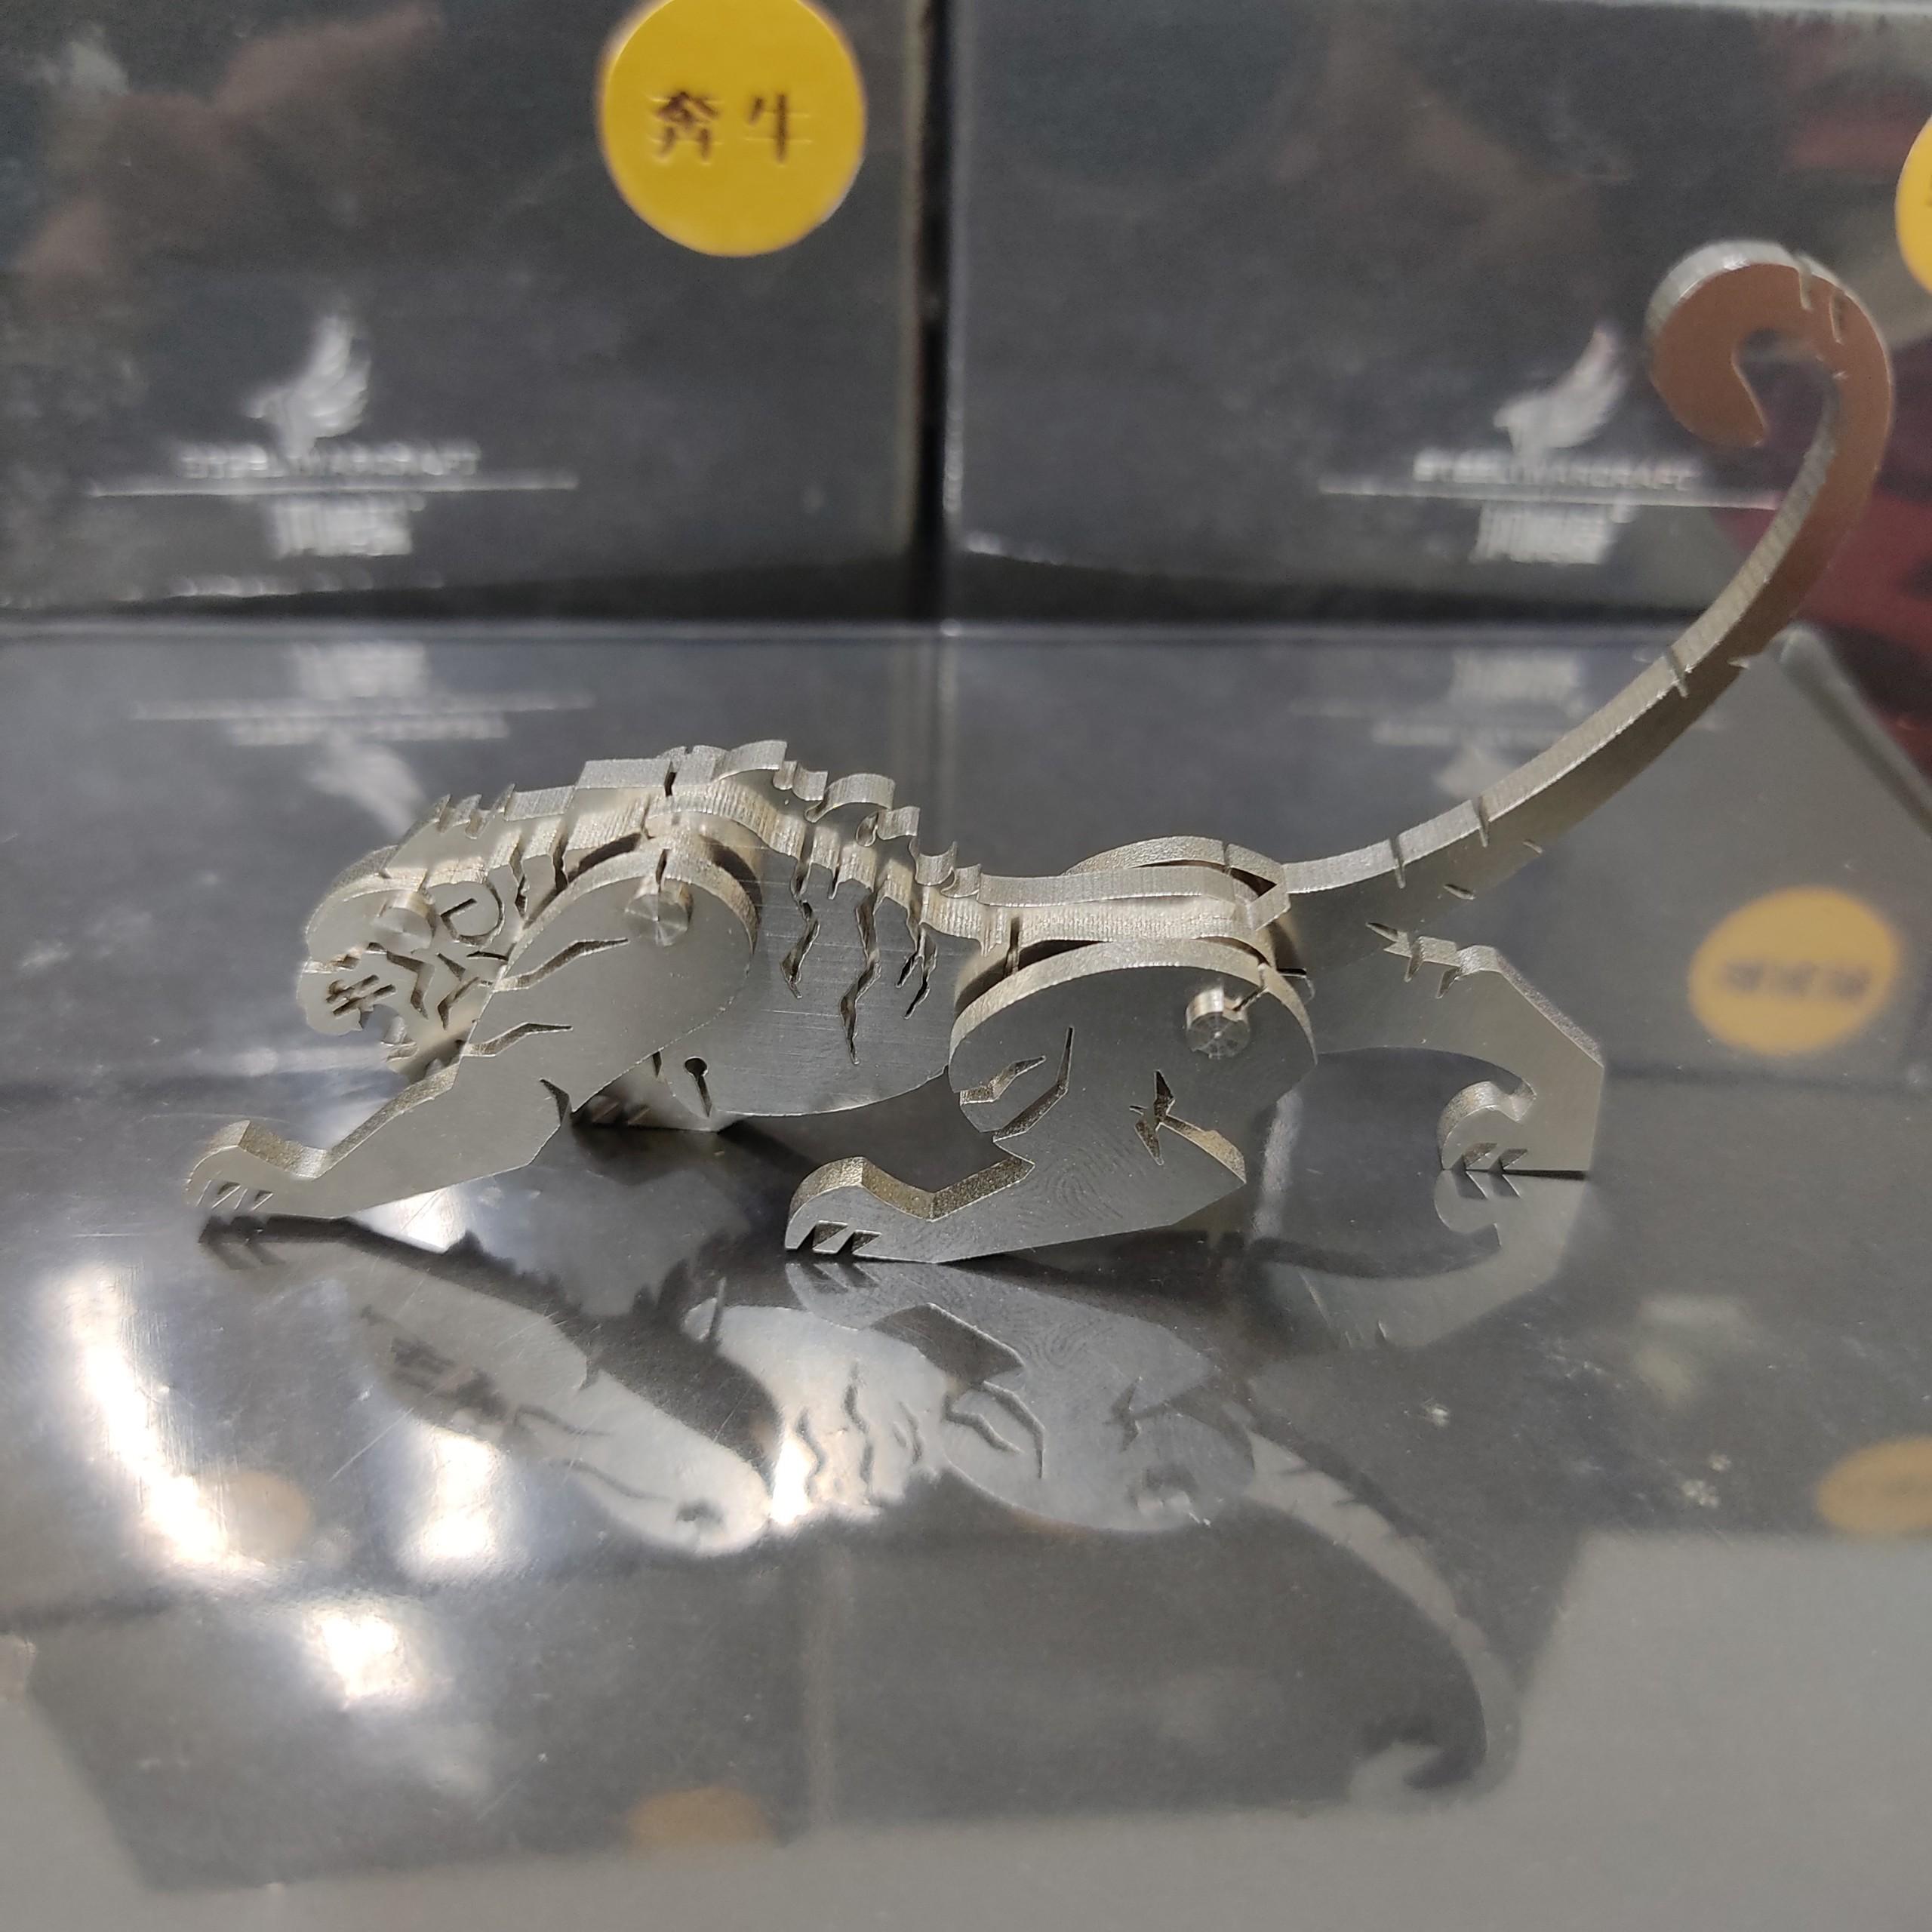 Mô hình báo thần lắp ghép trang trí cao cấp, chất liệu kim loại dày dặn